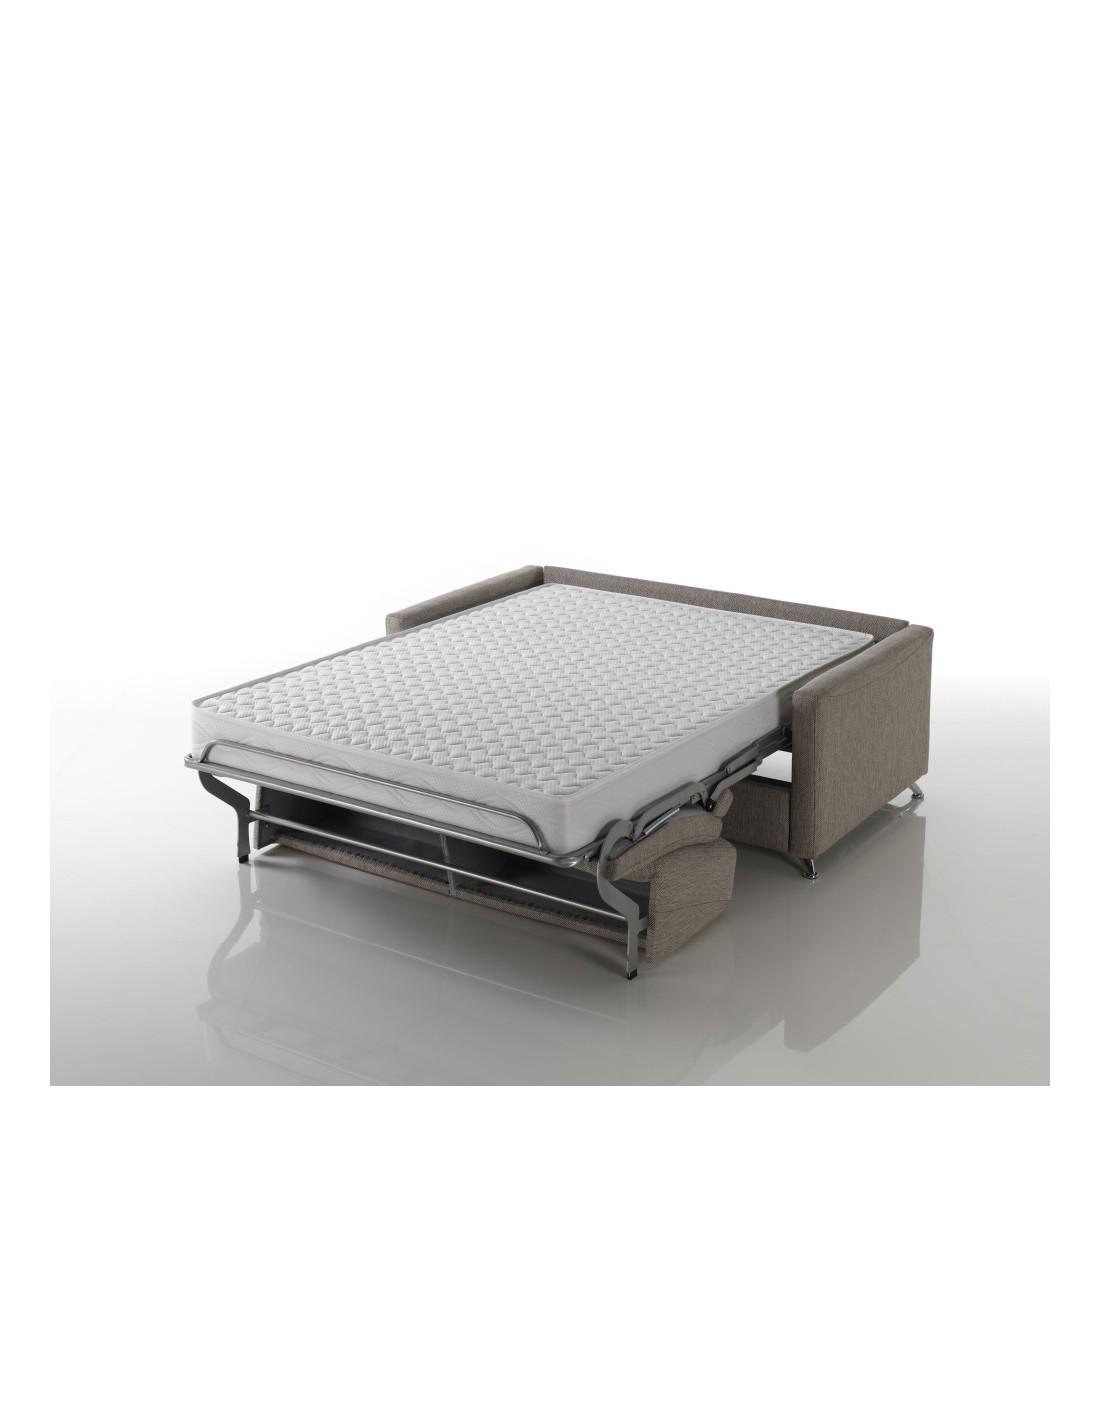 Materasso comodo alto 17 cm dentro un divano letto matrimoniale design - Divano letto comodo per dormire ...